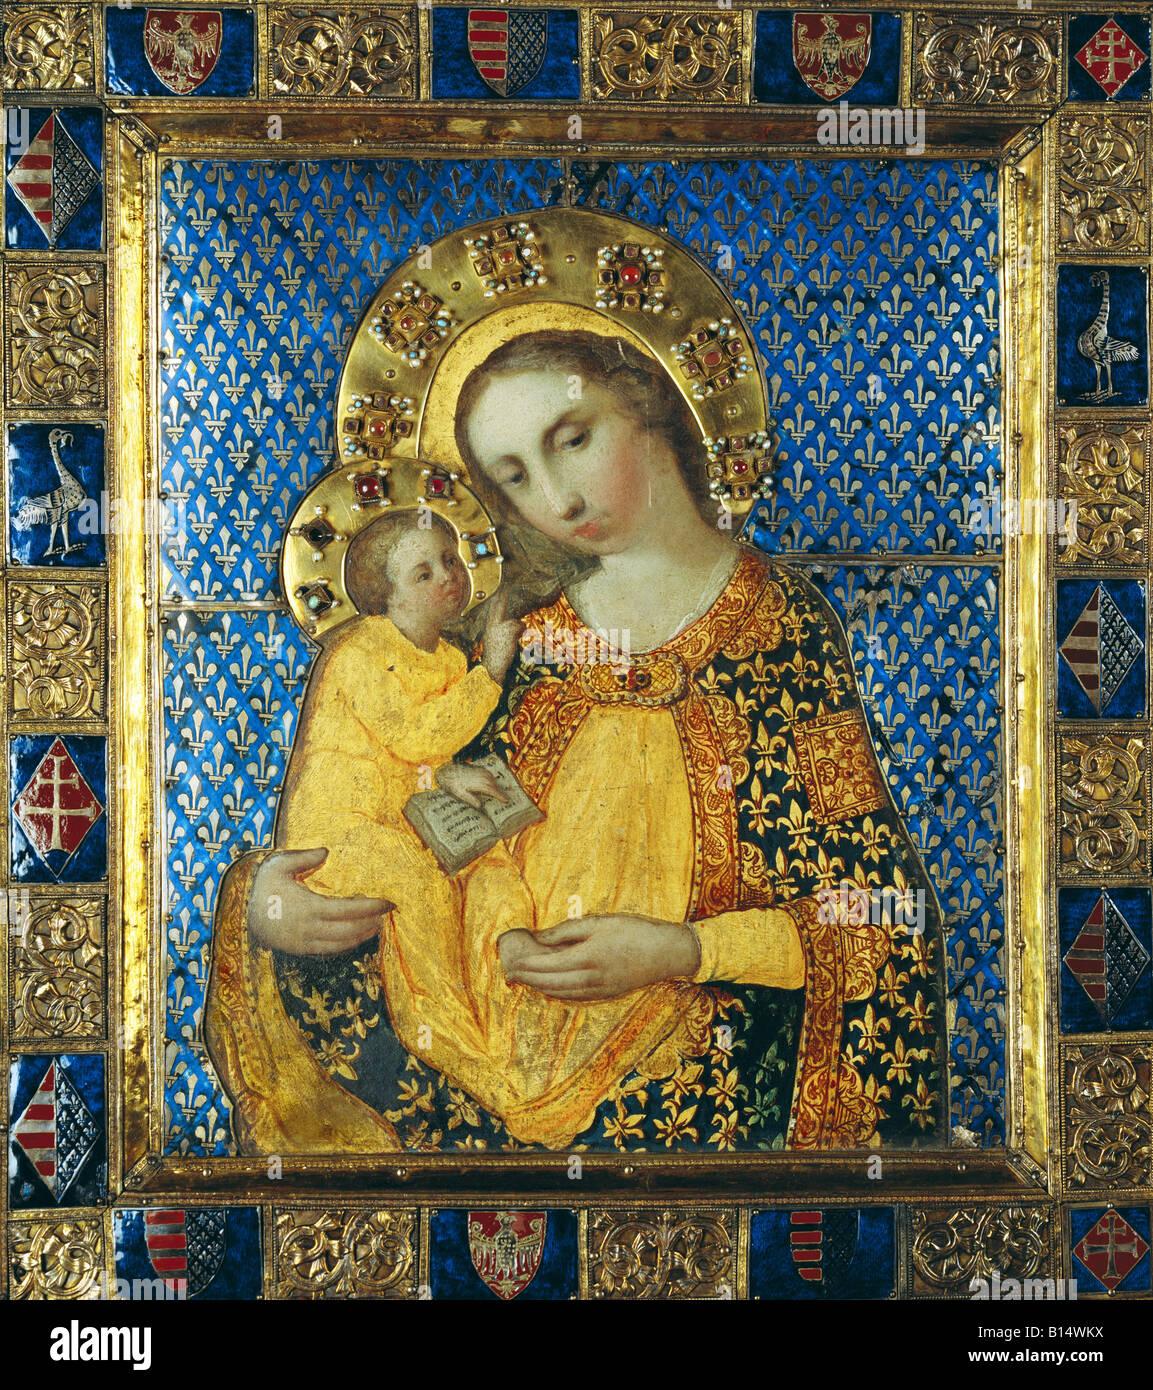 Belle arti, l'arte religiosa, Maria Vergine con Bambino, pittura, tempera su legno, gilted foglio d'argento con Foto Stock